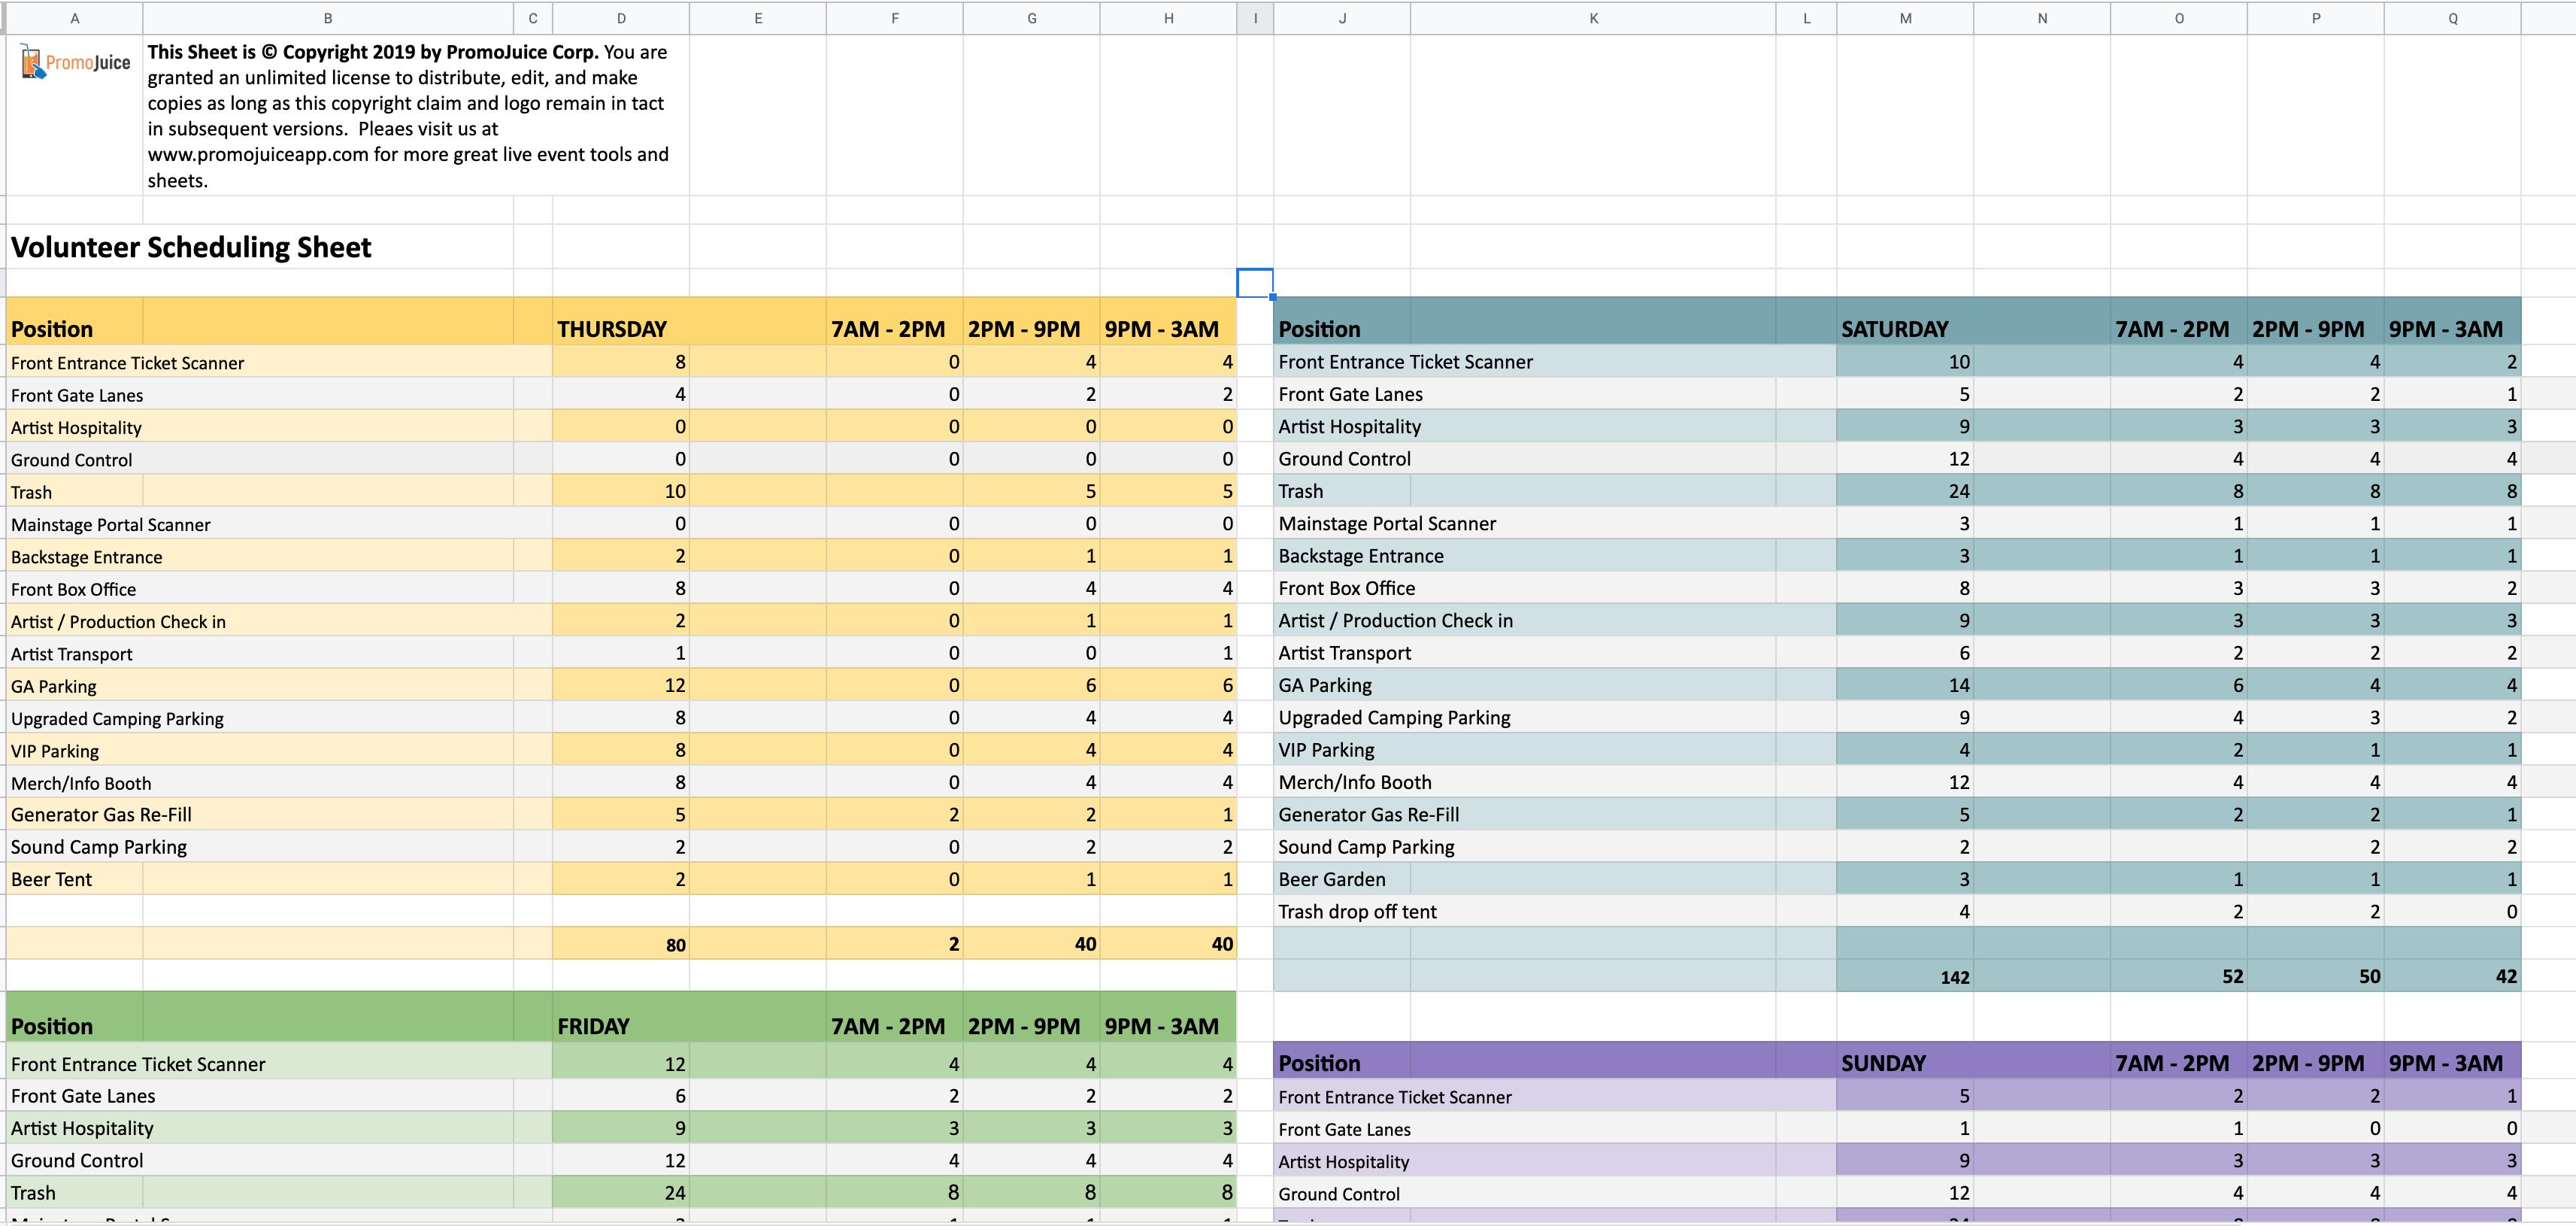 Volunteer Scheduling Sheet